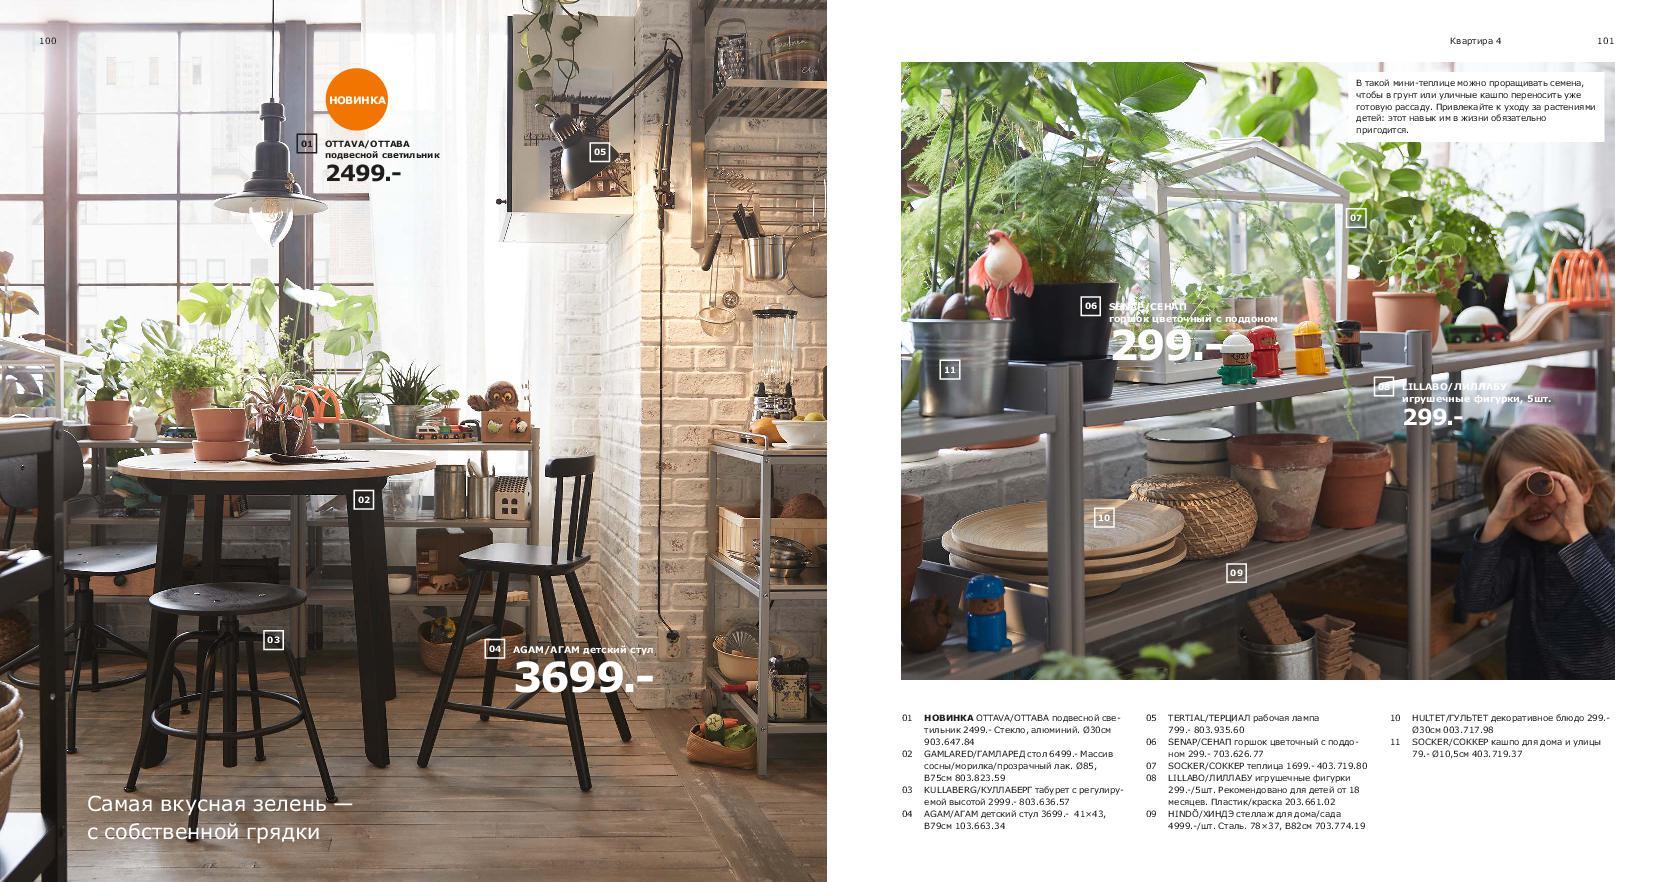 IKEA_catalogue_2019-51